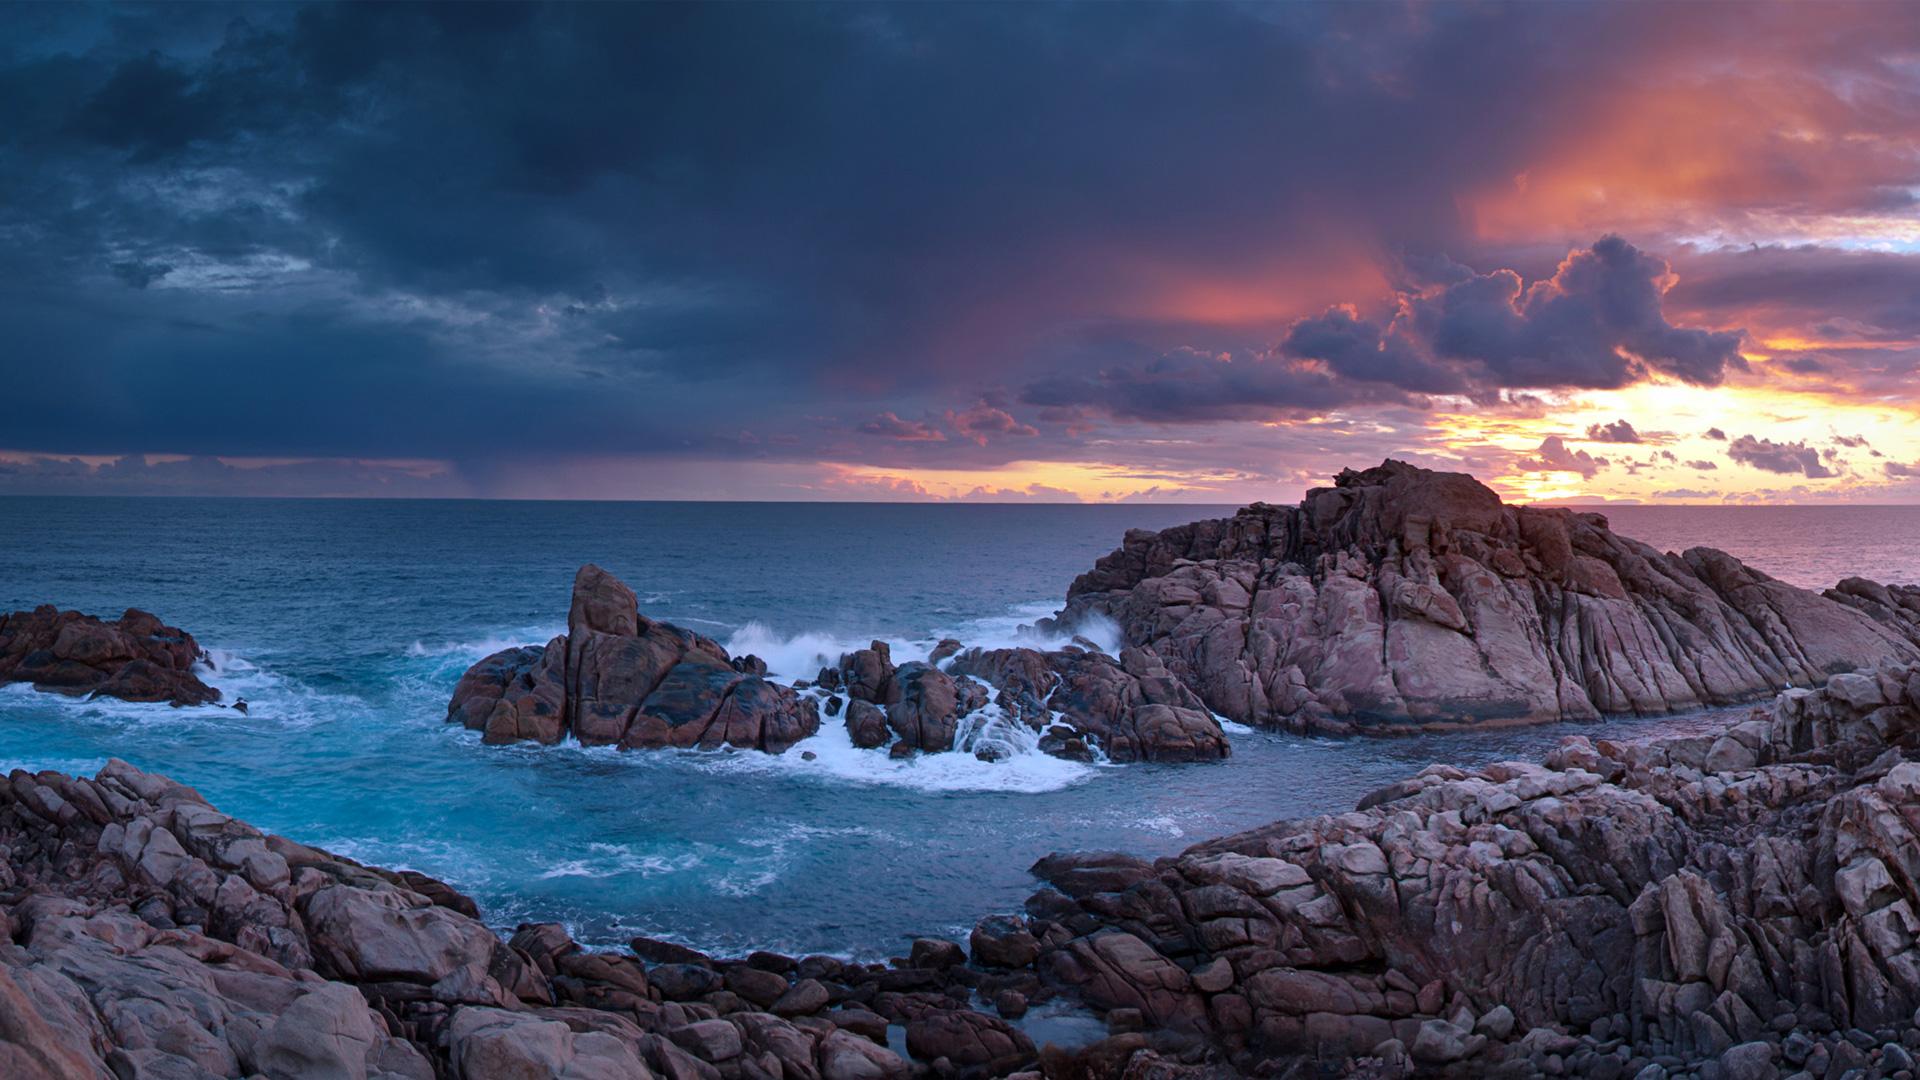 Canal Rocks in Australian Ocean HD Wallpaper | Background ...